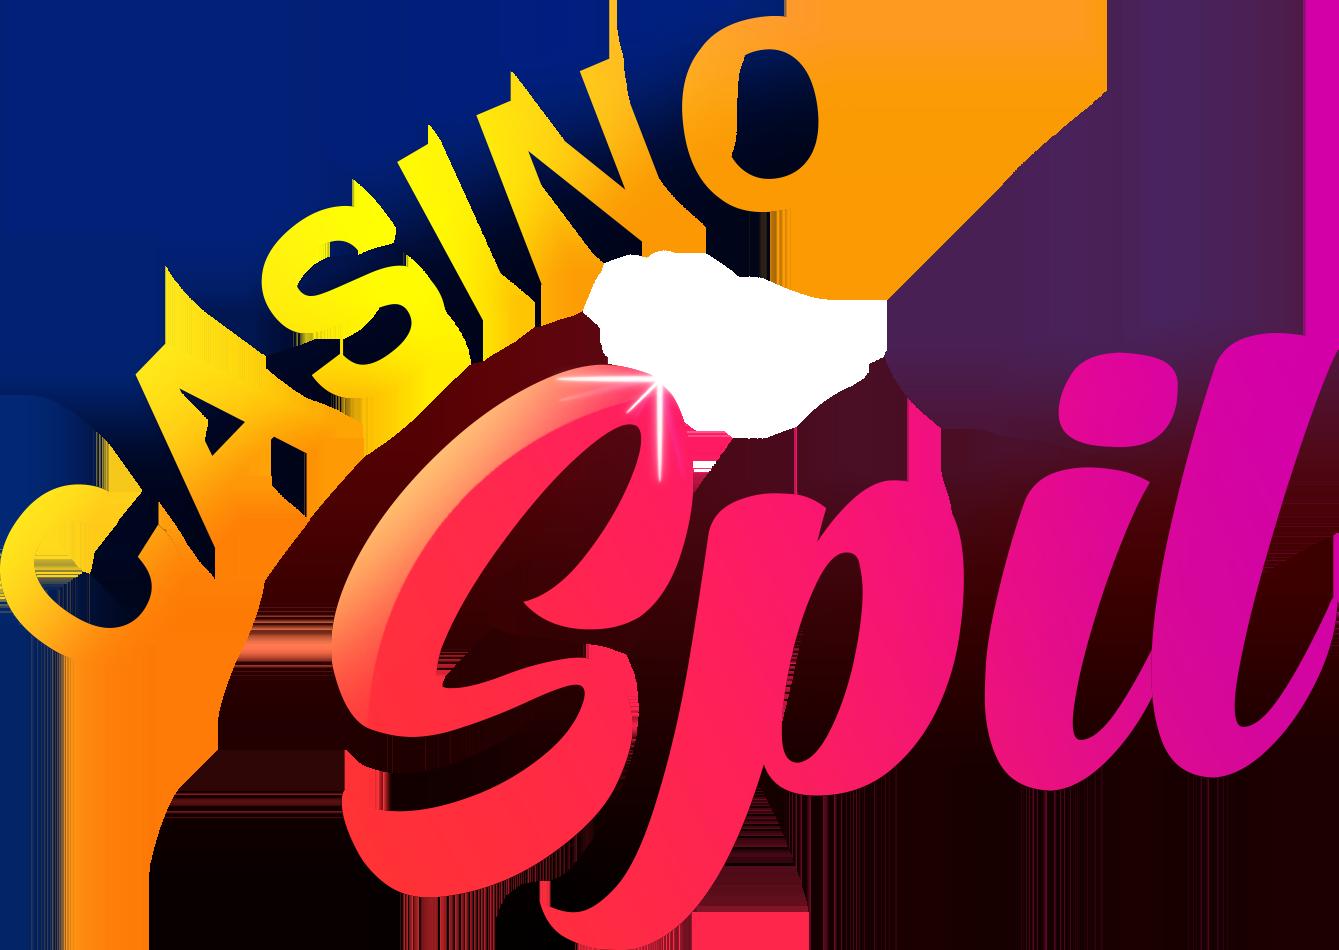 Casinospil.nu